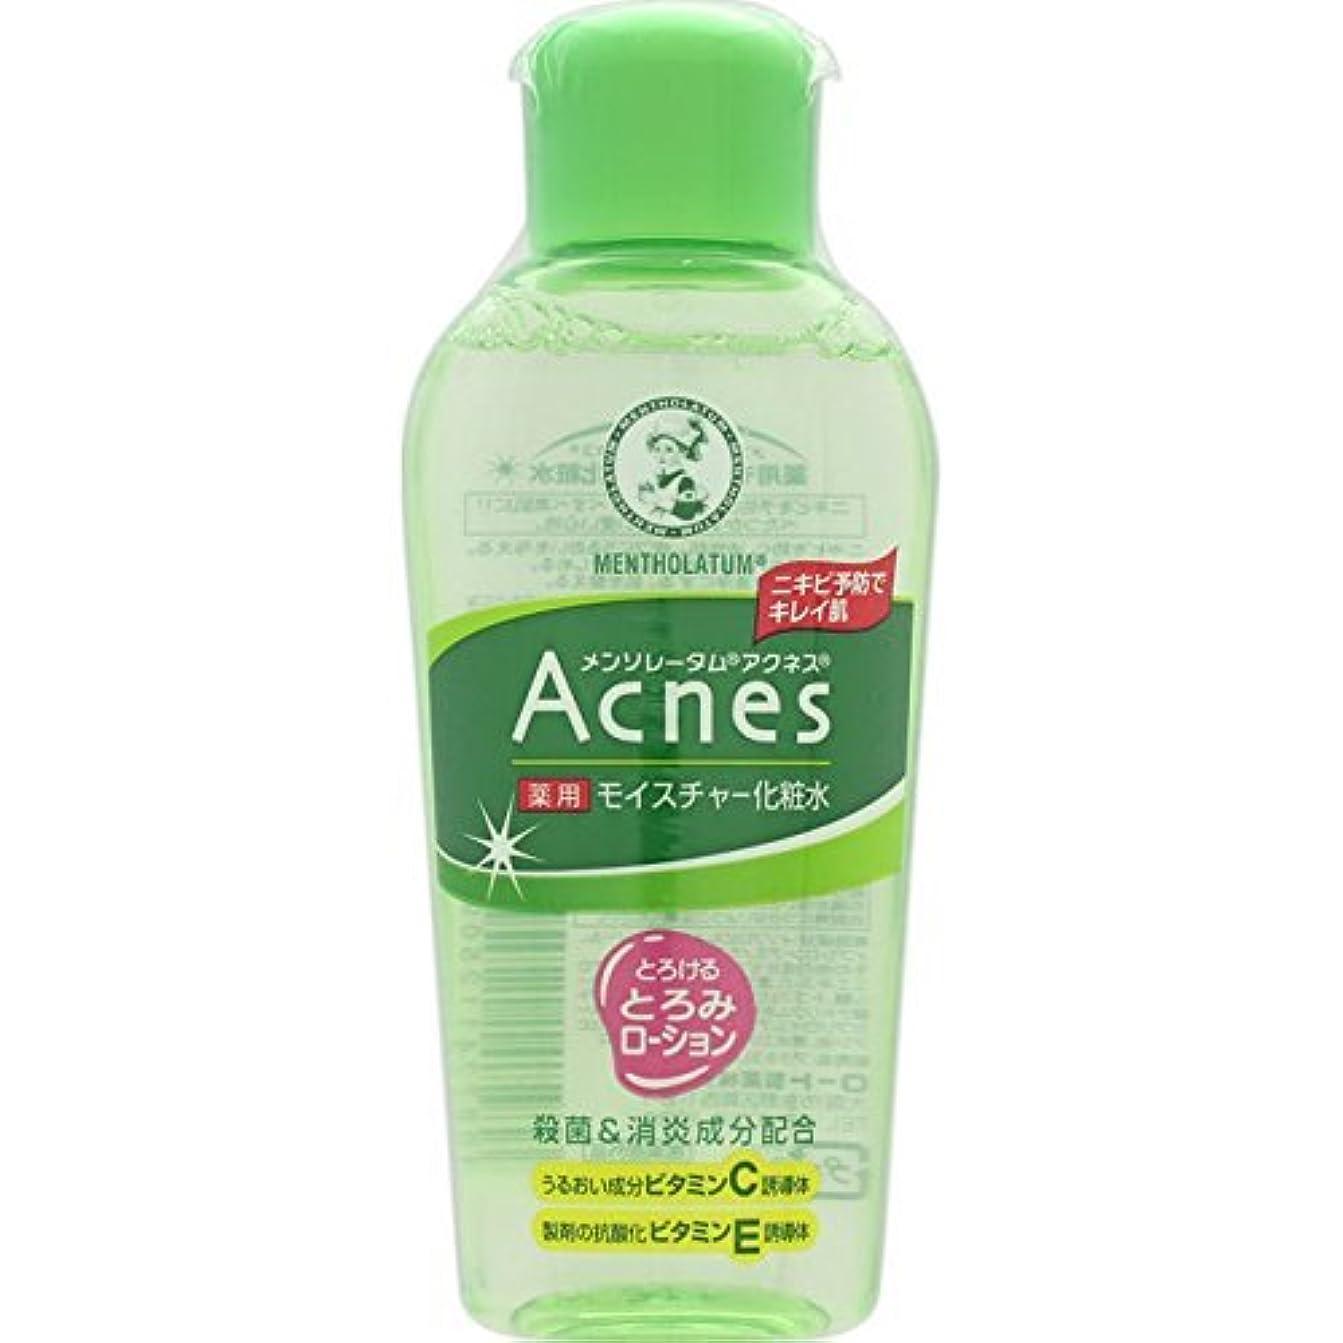 バターミリメートル老人Acnes(アクネス) 薬用モイスチャー化粧水 120mL【医薬部外品】